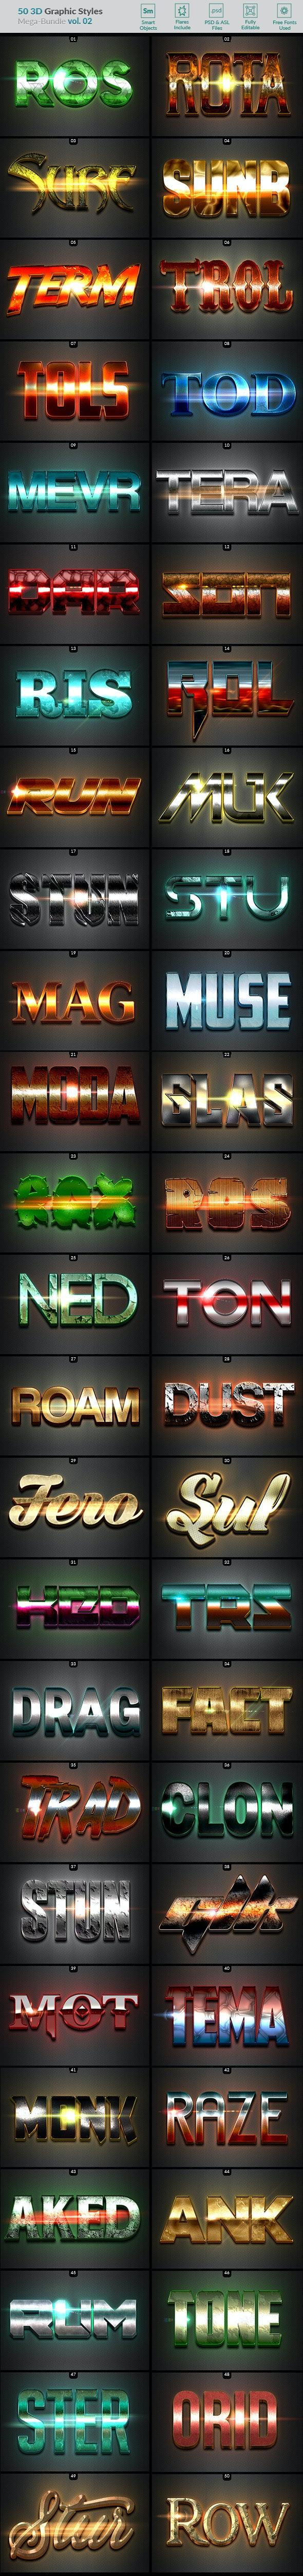 50 3D Text Effects - Bundle Vol. 02 - Styles Photoshop